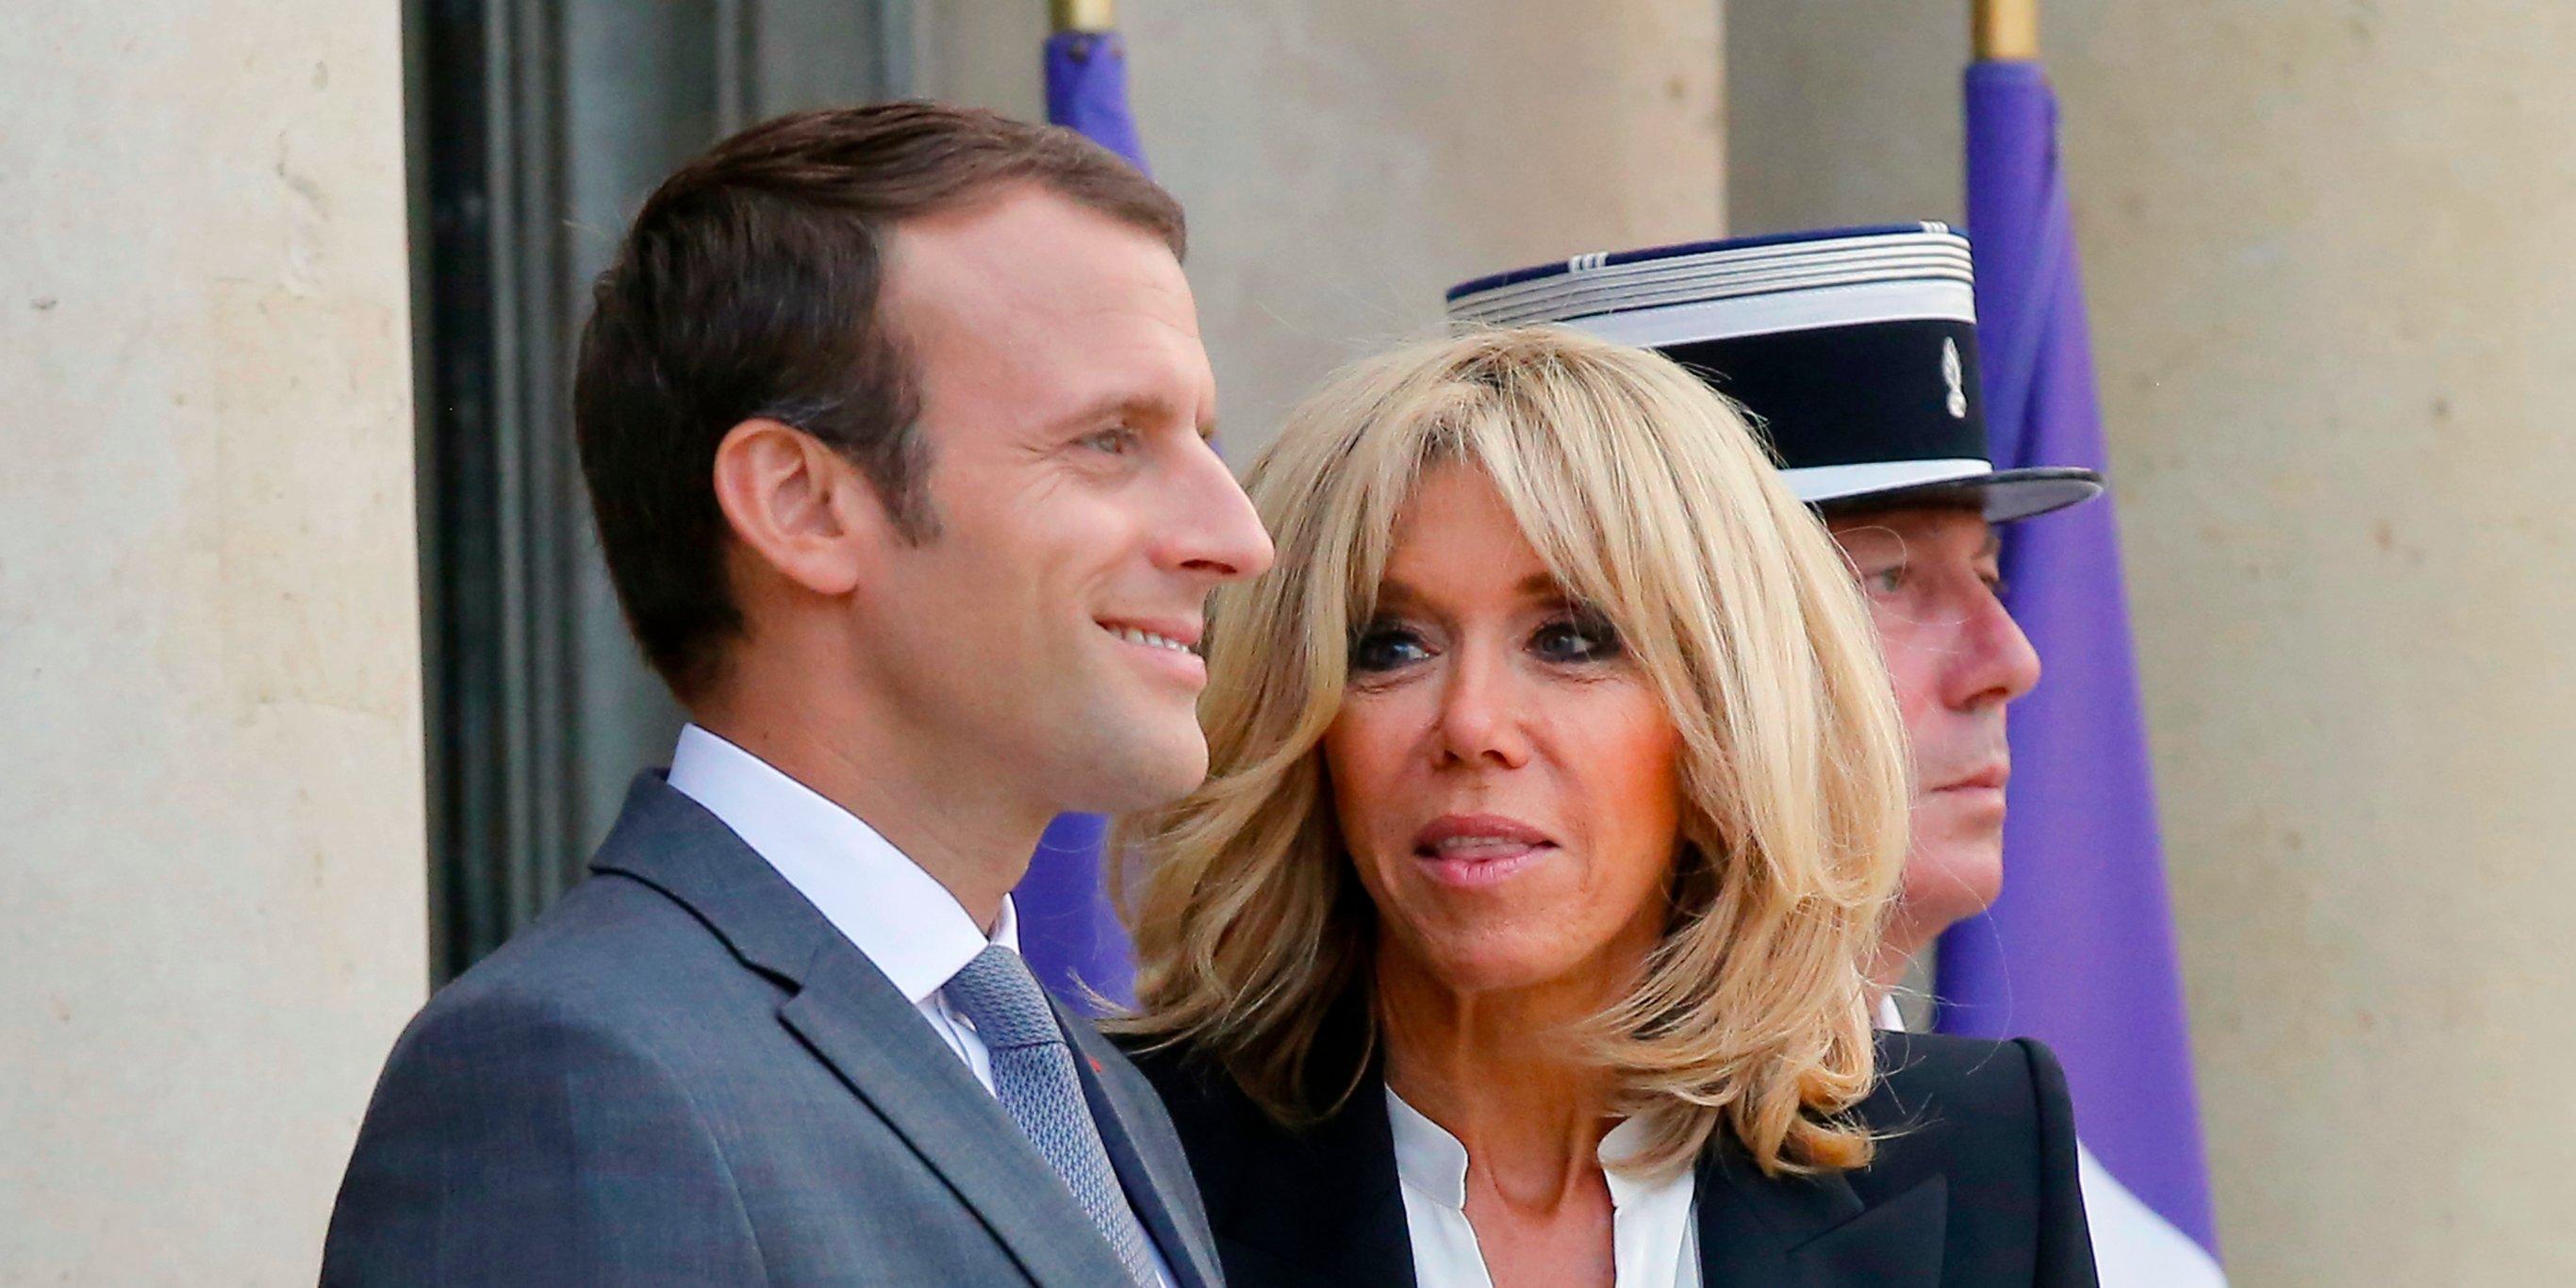 Increible pero cierto. Macron pagará, con dinero público, 'asistentes sexuales' para discapacitados